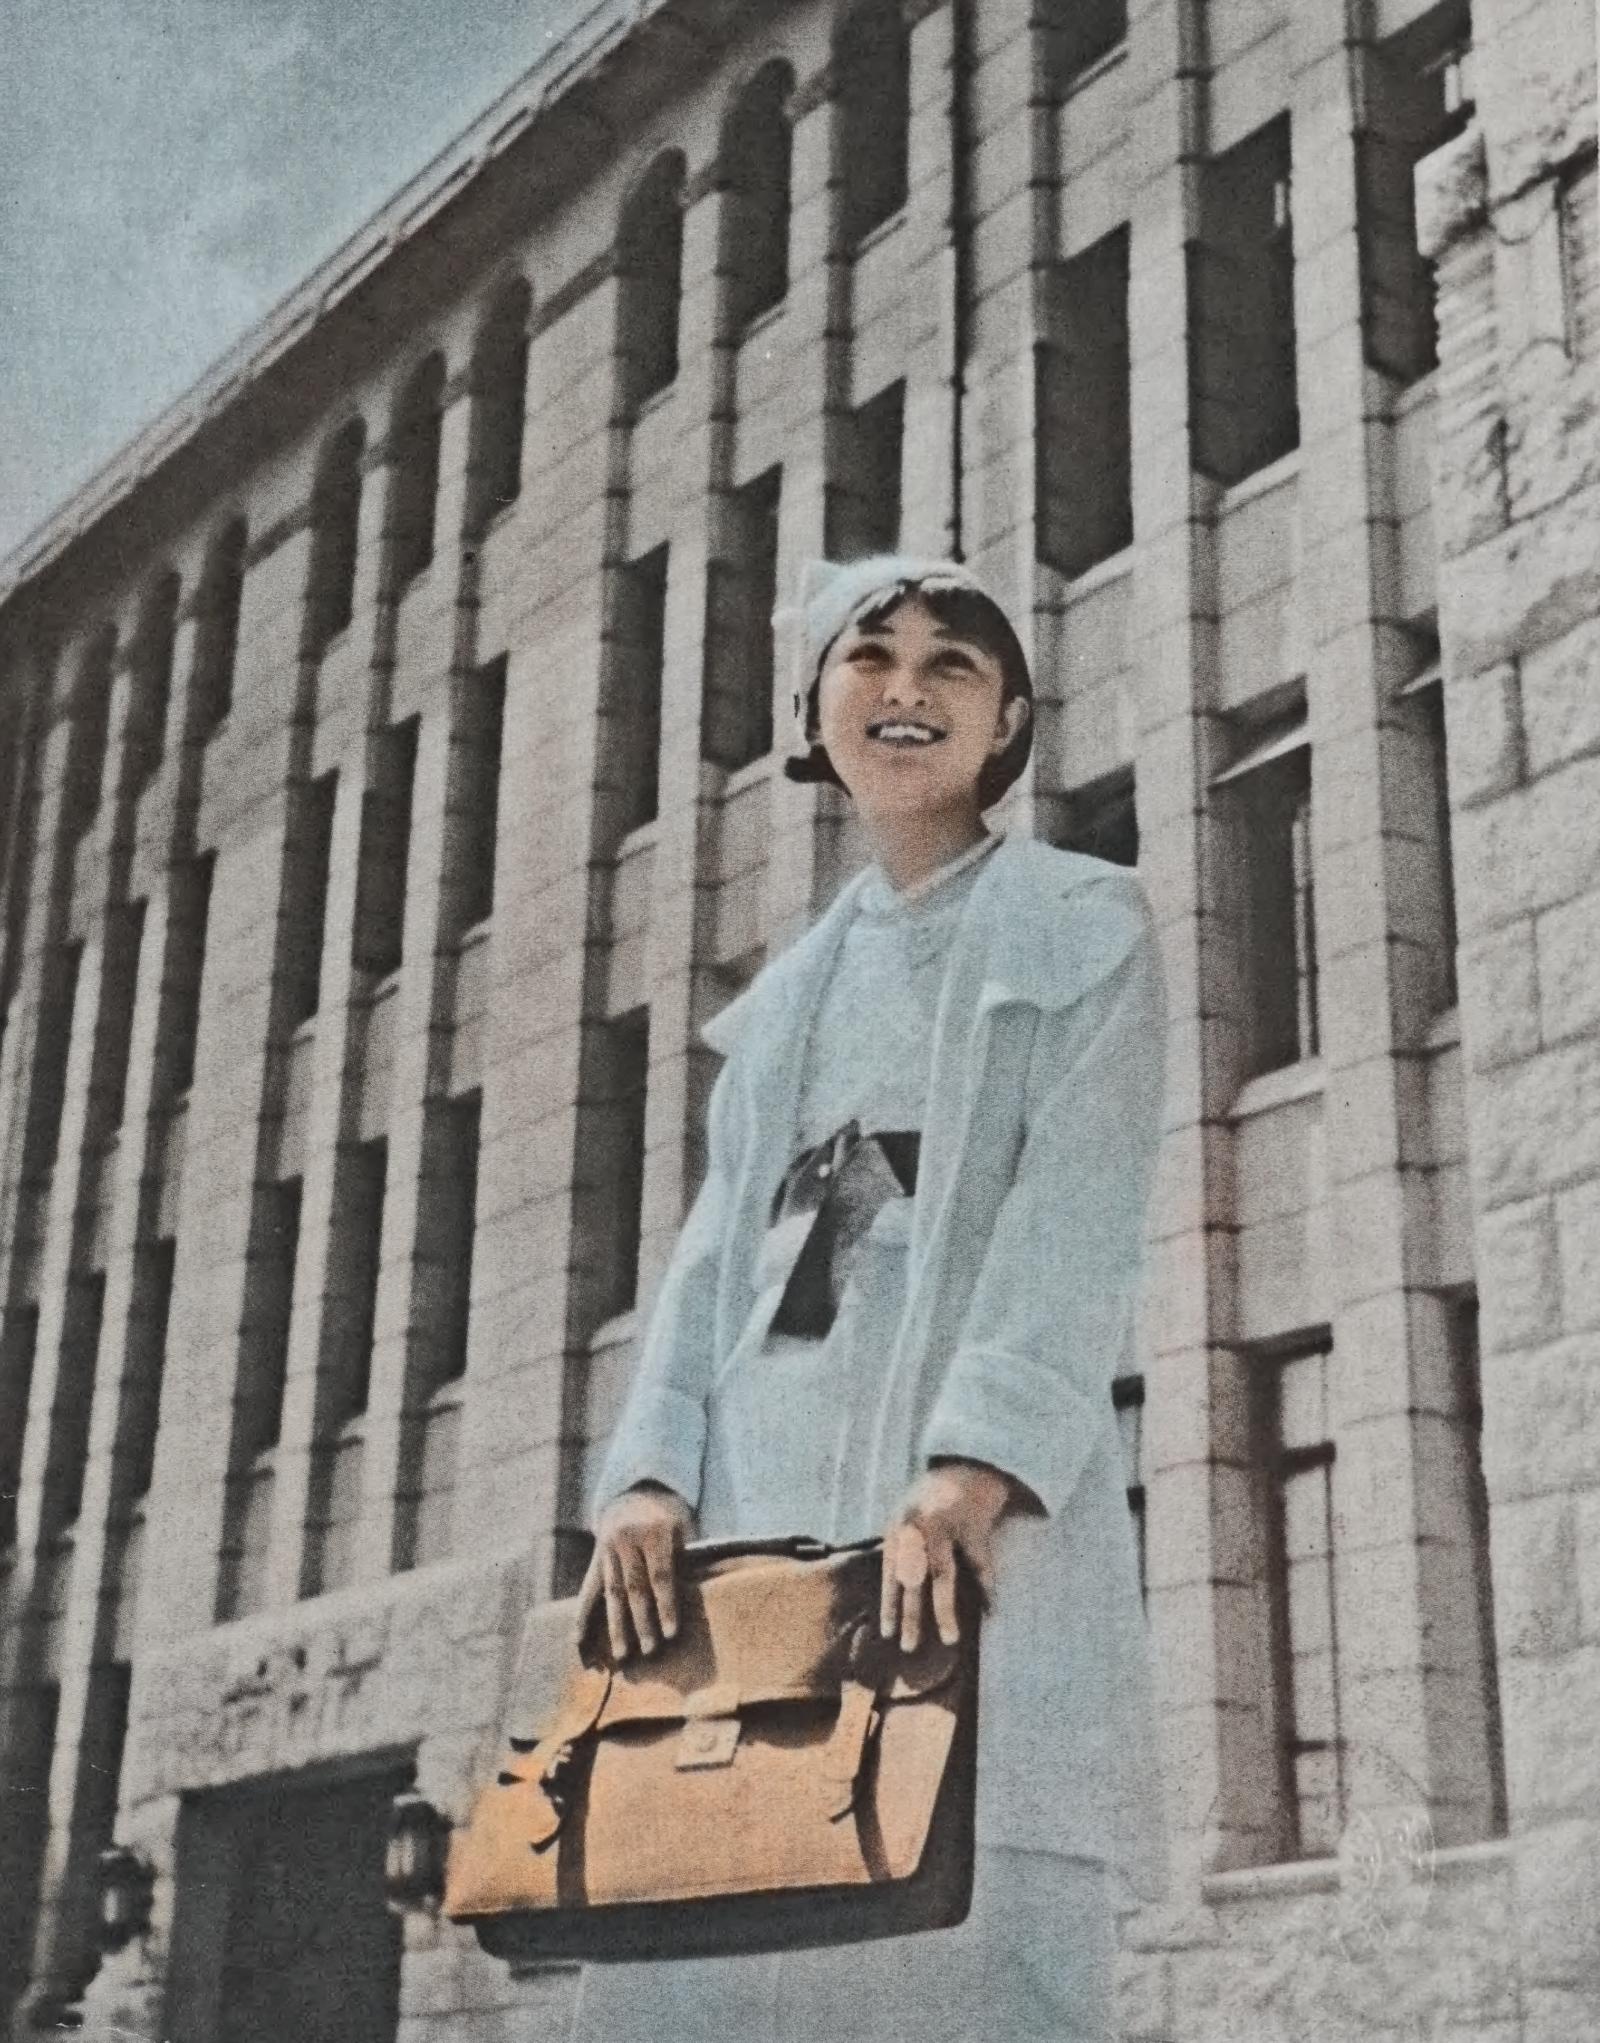 戦前の時代1932年〜1935年の間に撮られた写真 | 戦前、写真コンテスト ...